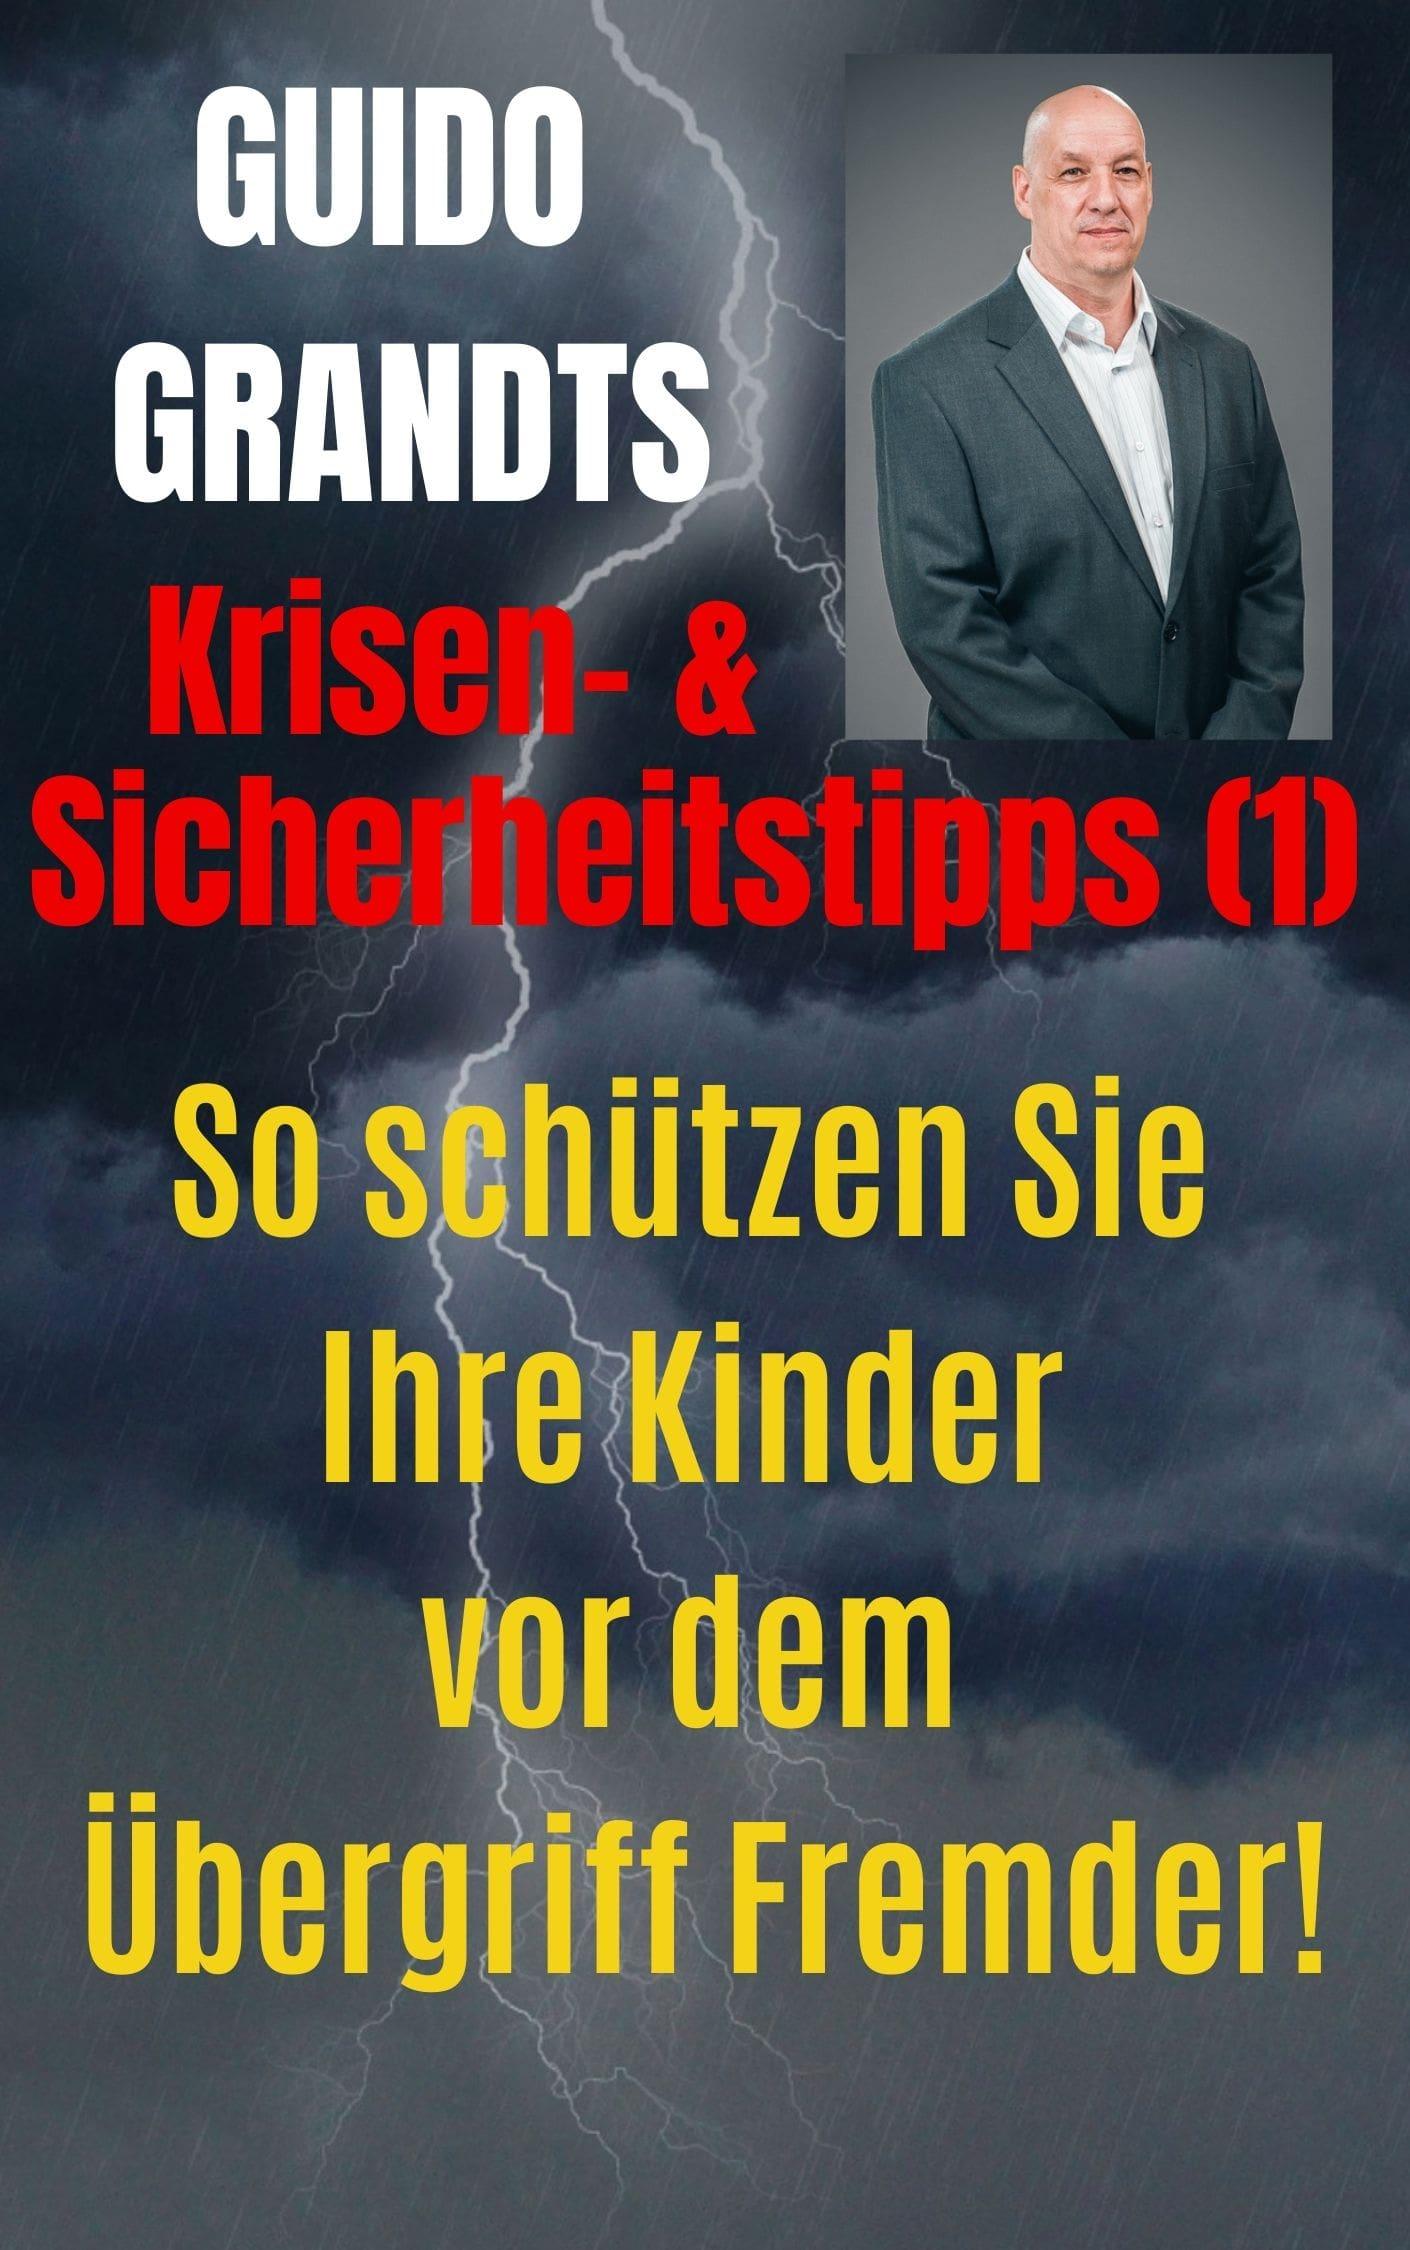 """GUIDO GRANDTS SICHERHEITSTIPPS (1): """"So schützen Sie Ihre Kinder vor dem Übergriff Fremder!"""""""